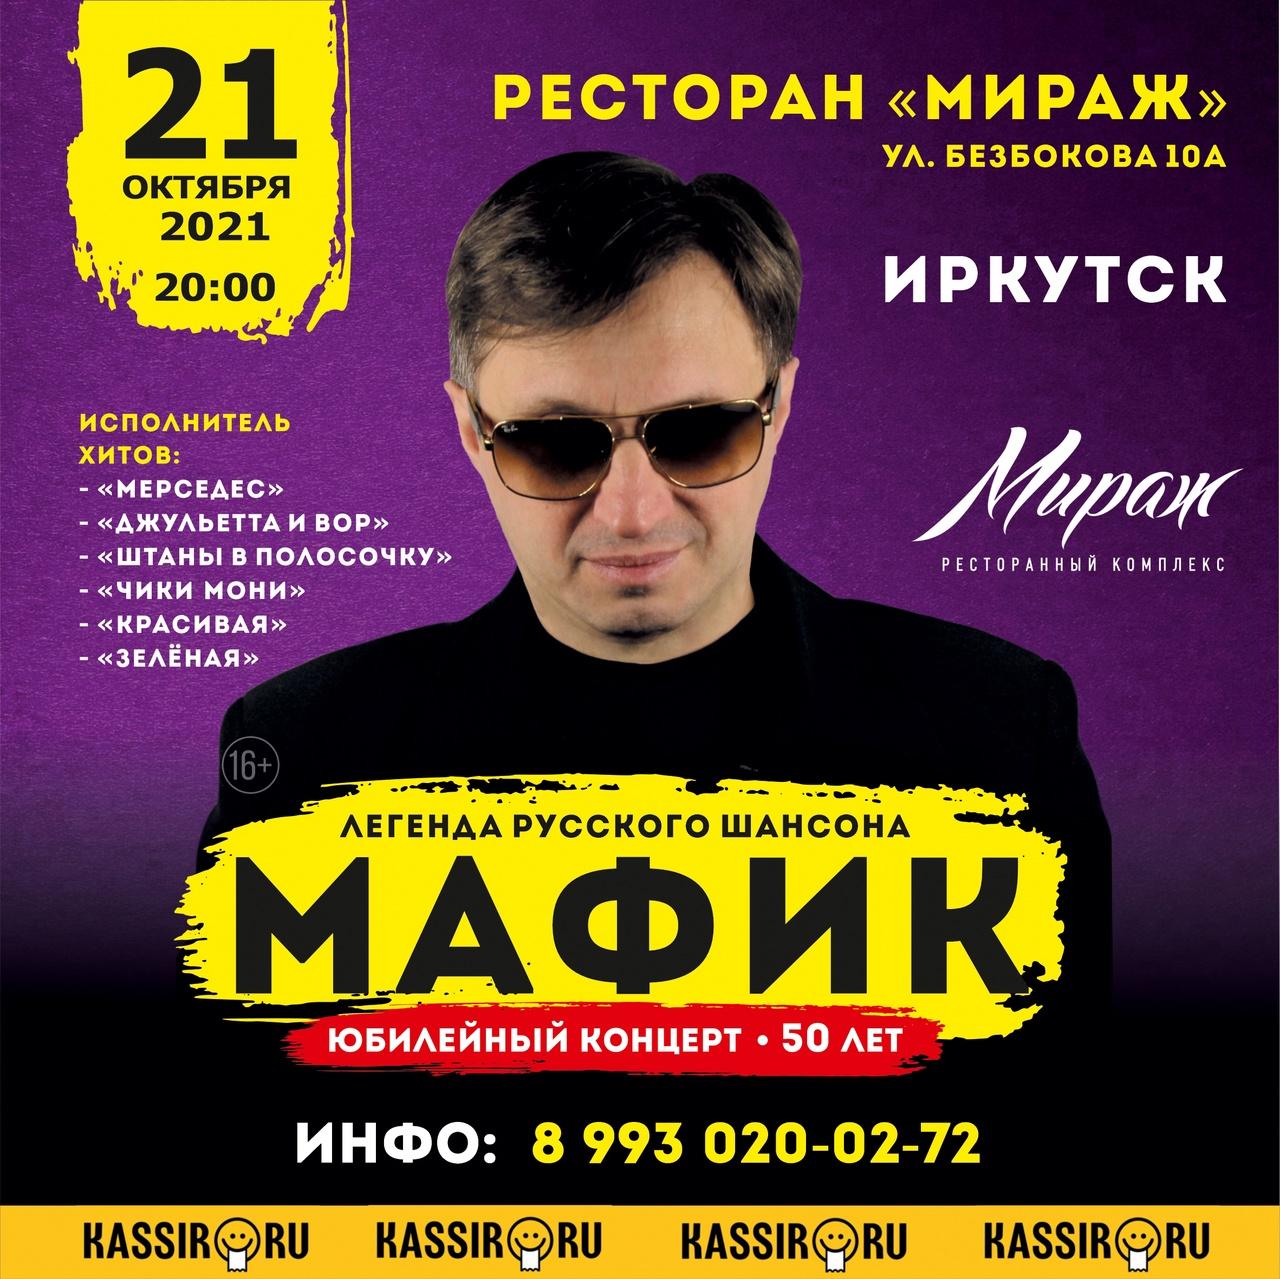 Афиша Иркутск 21.10.21 / МАФИК / ИРКУТСК